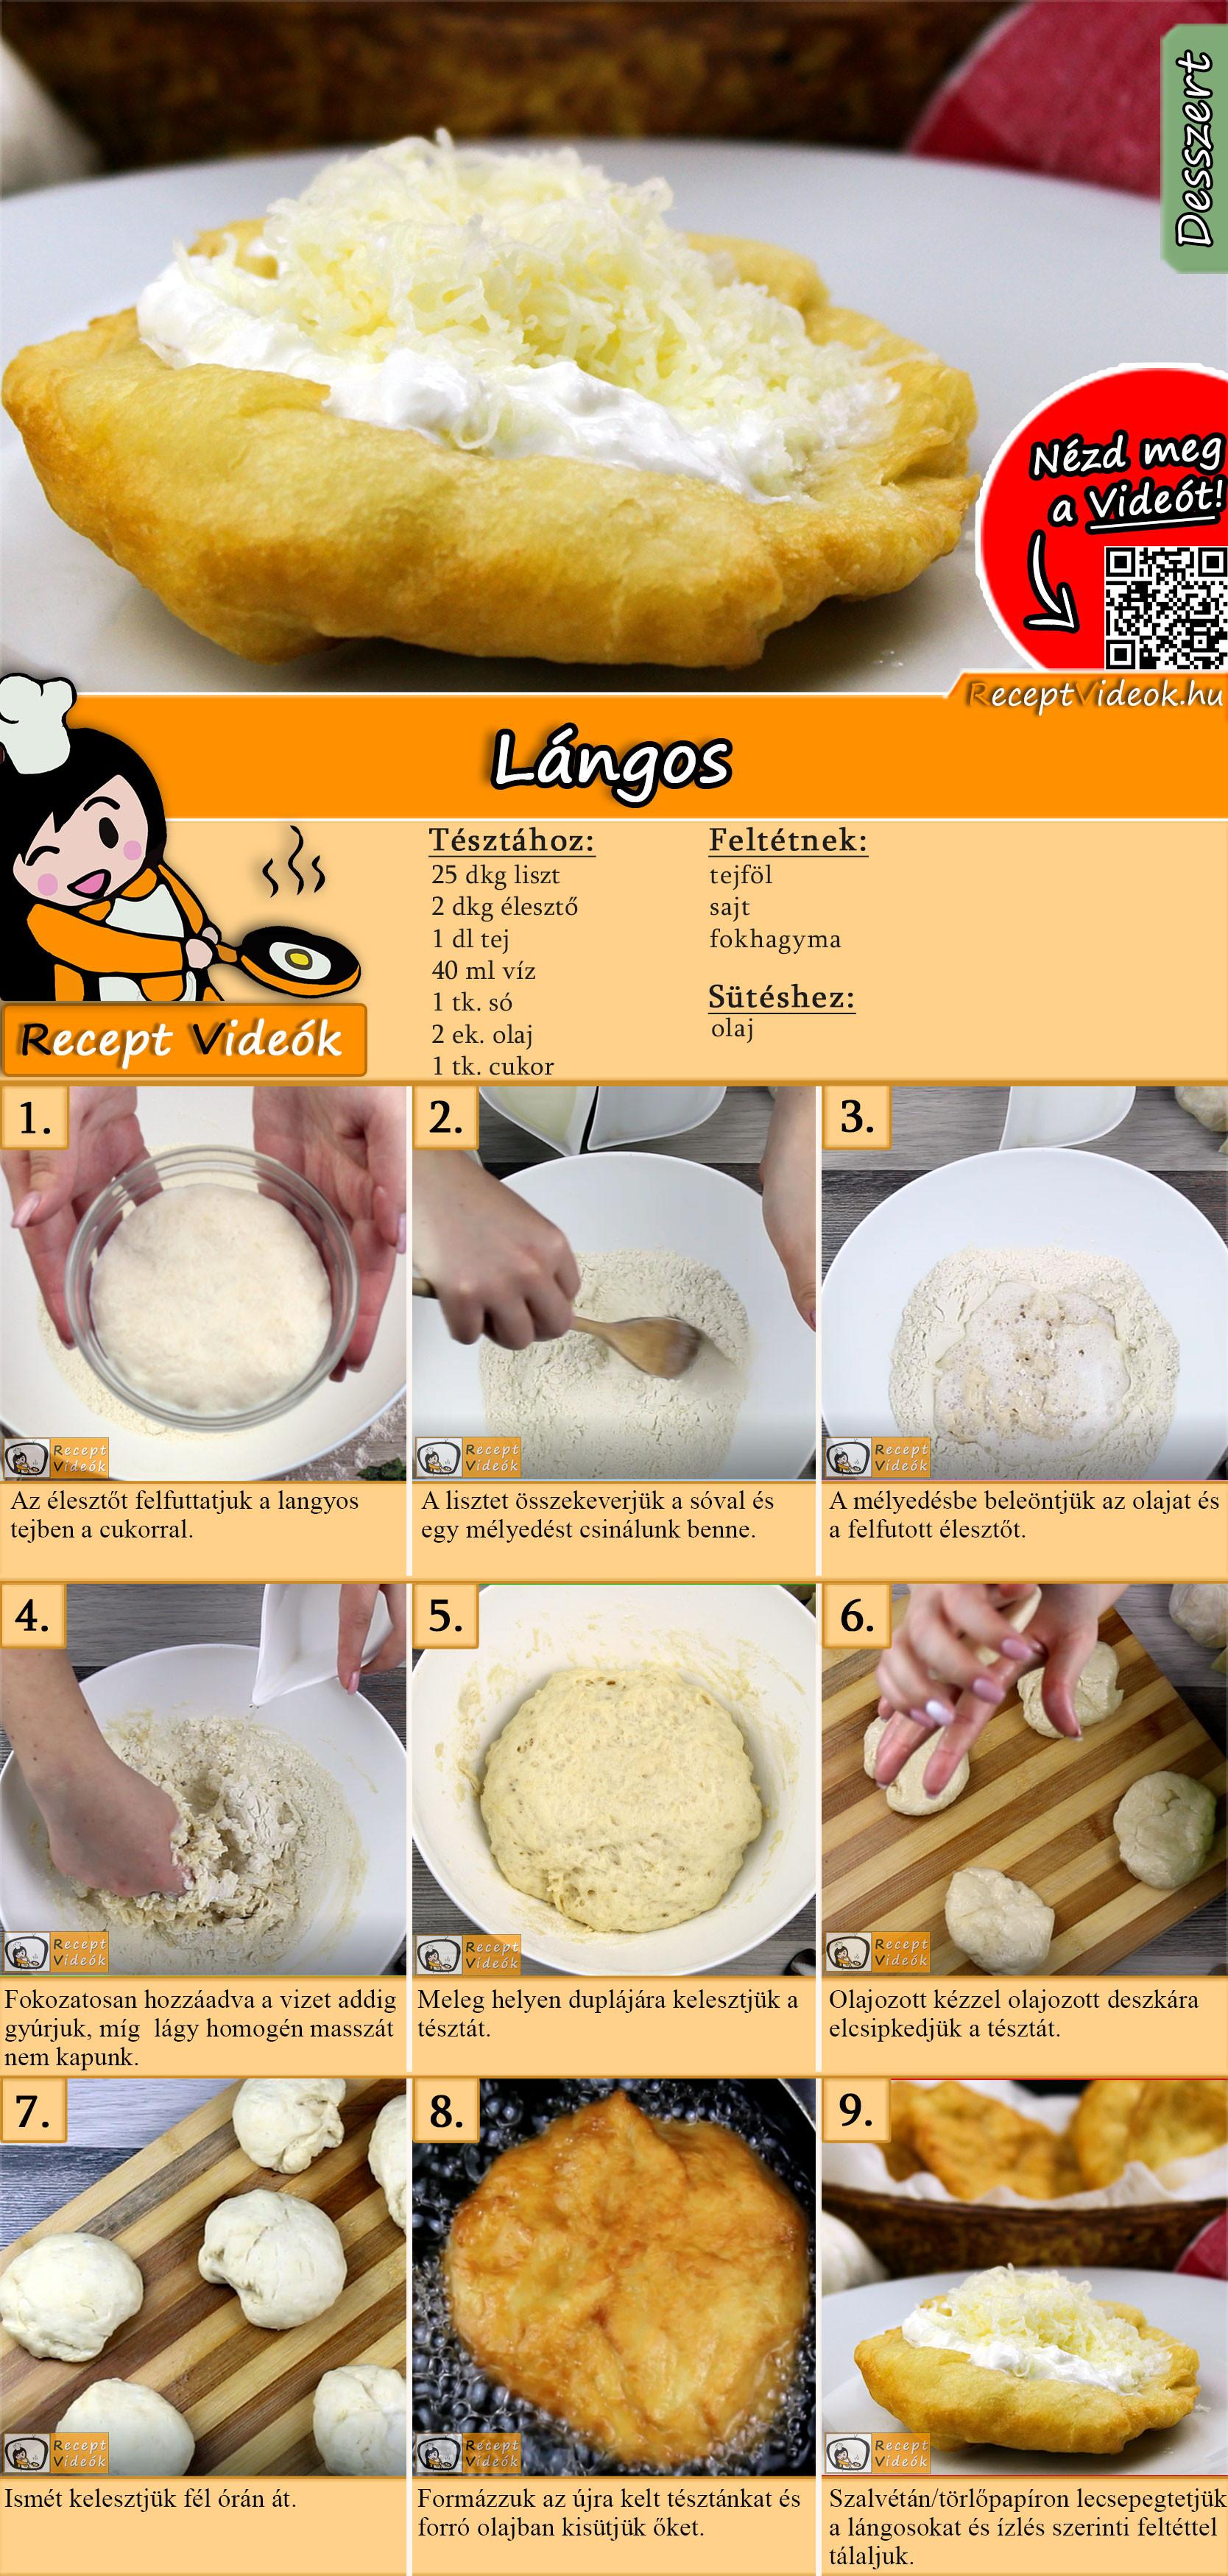 Lángos recept elkészítése videóval